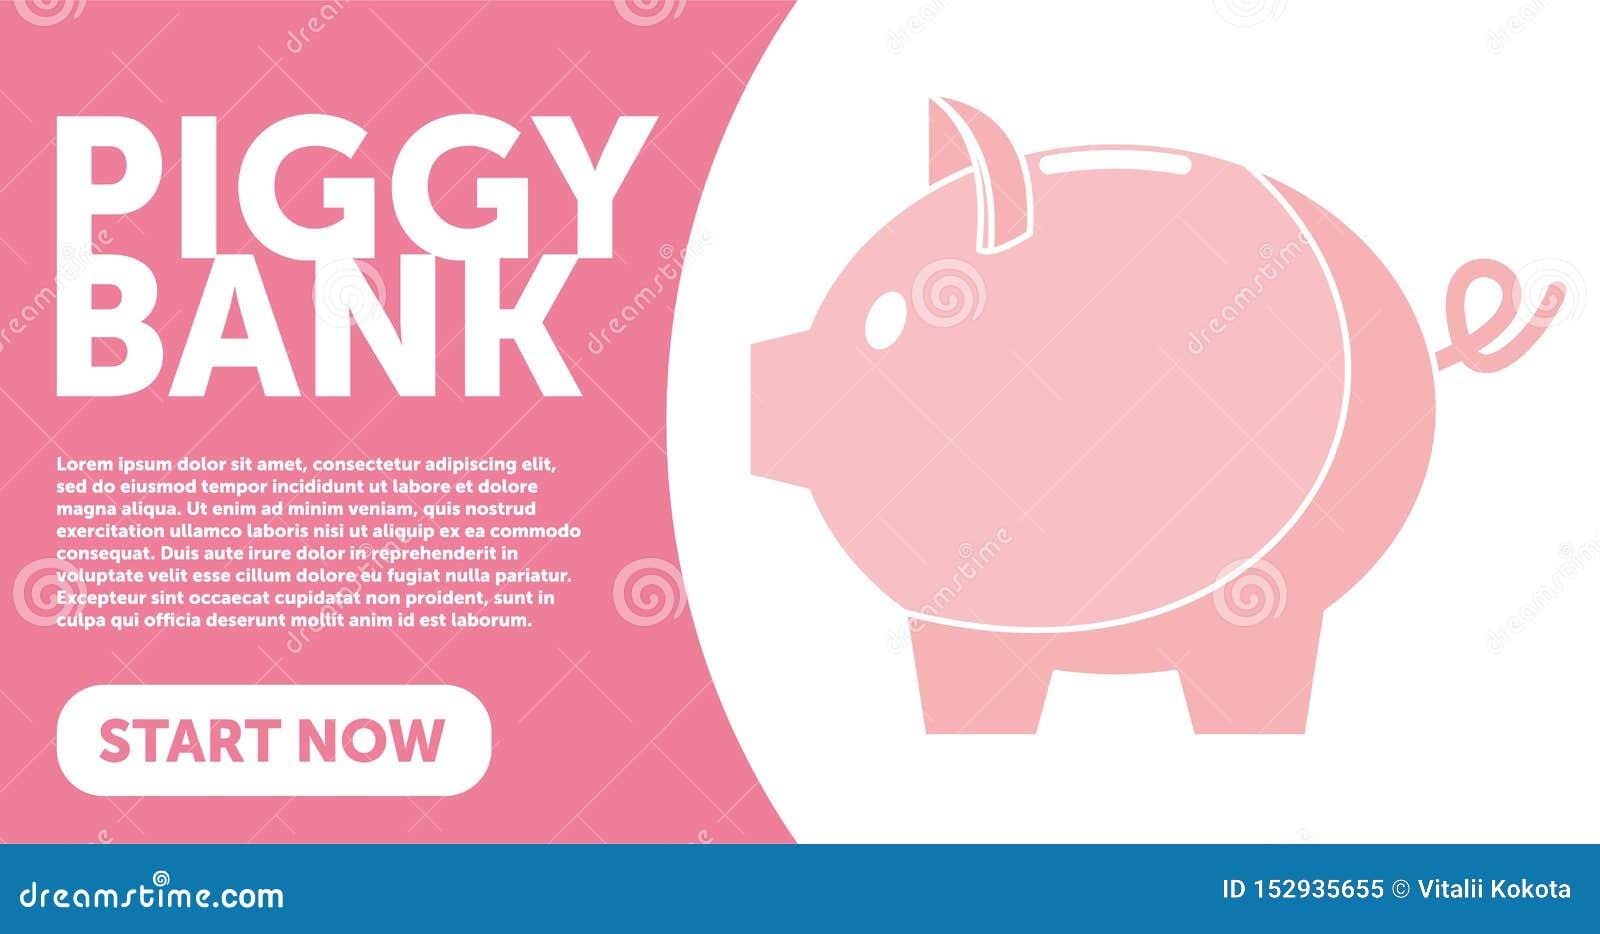 Απλή διανυσματική απεικόνιση τραπεζών Piggy στο επίπεδο ύφος linework ΠΡΟΤΥΠΟ ΙΣΤΟΣΕΛΙΔΑΣ ΤΡΆΠΕΖΑ ΣΧΕΔΙΟΥ PIGGY